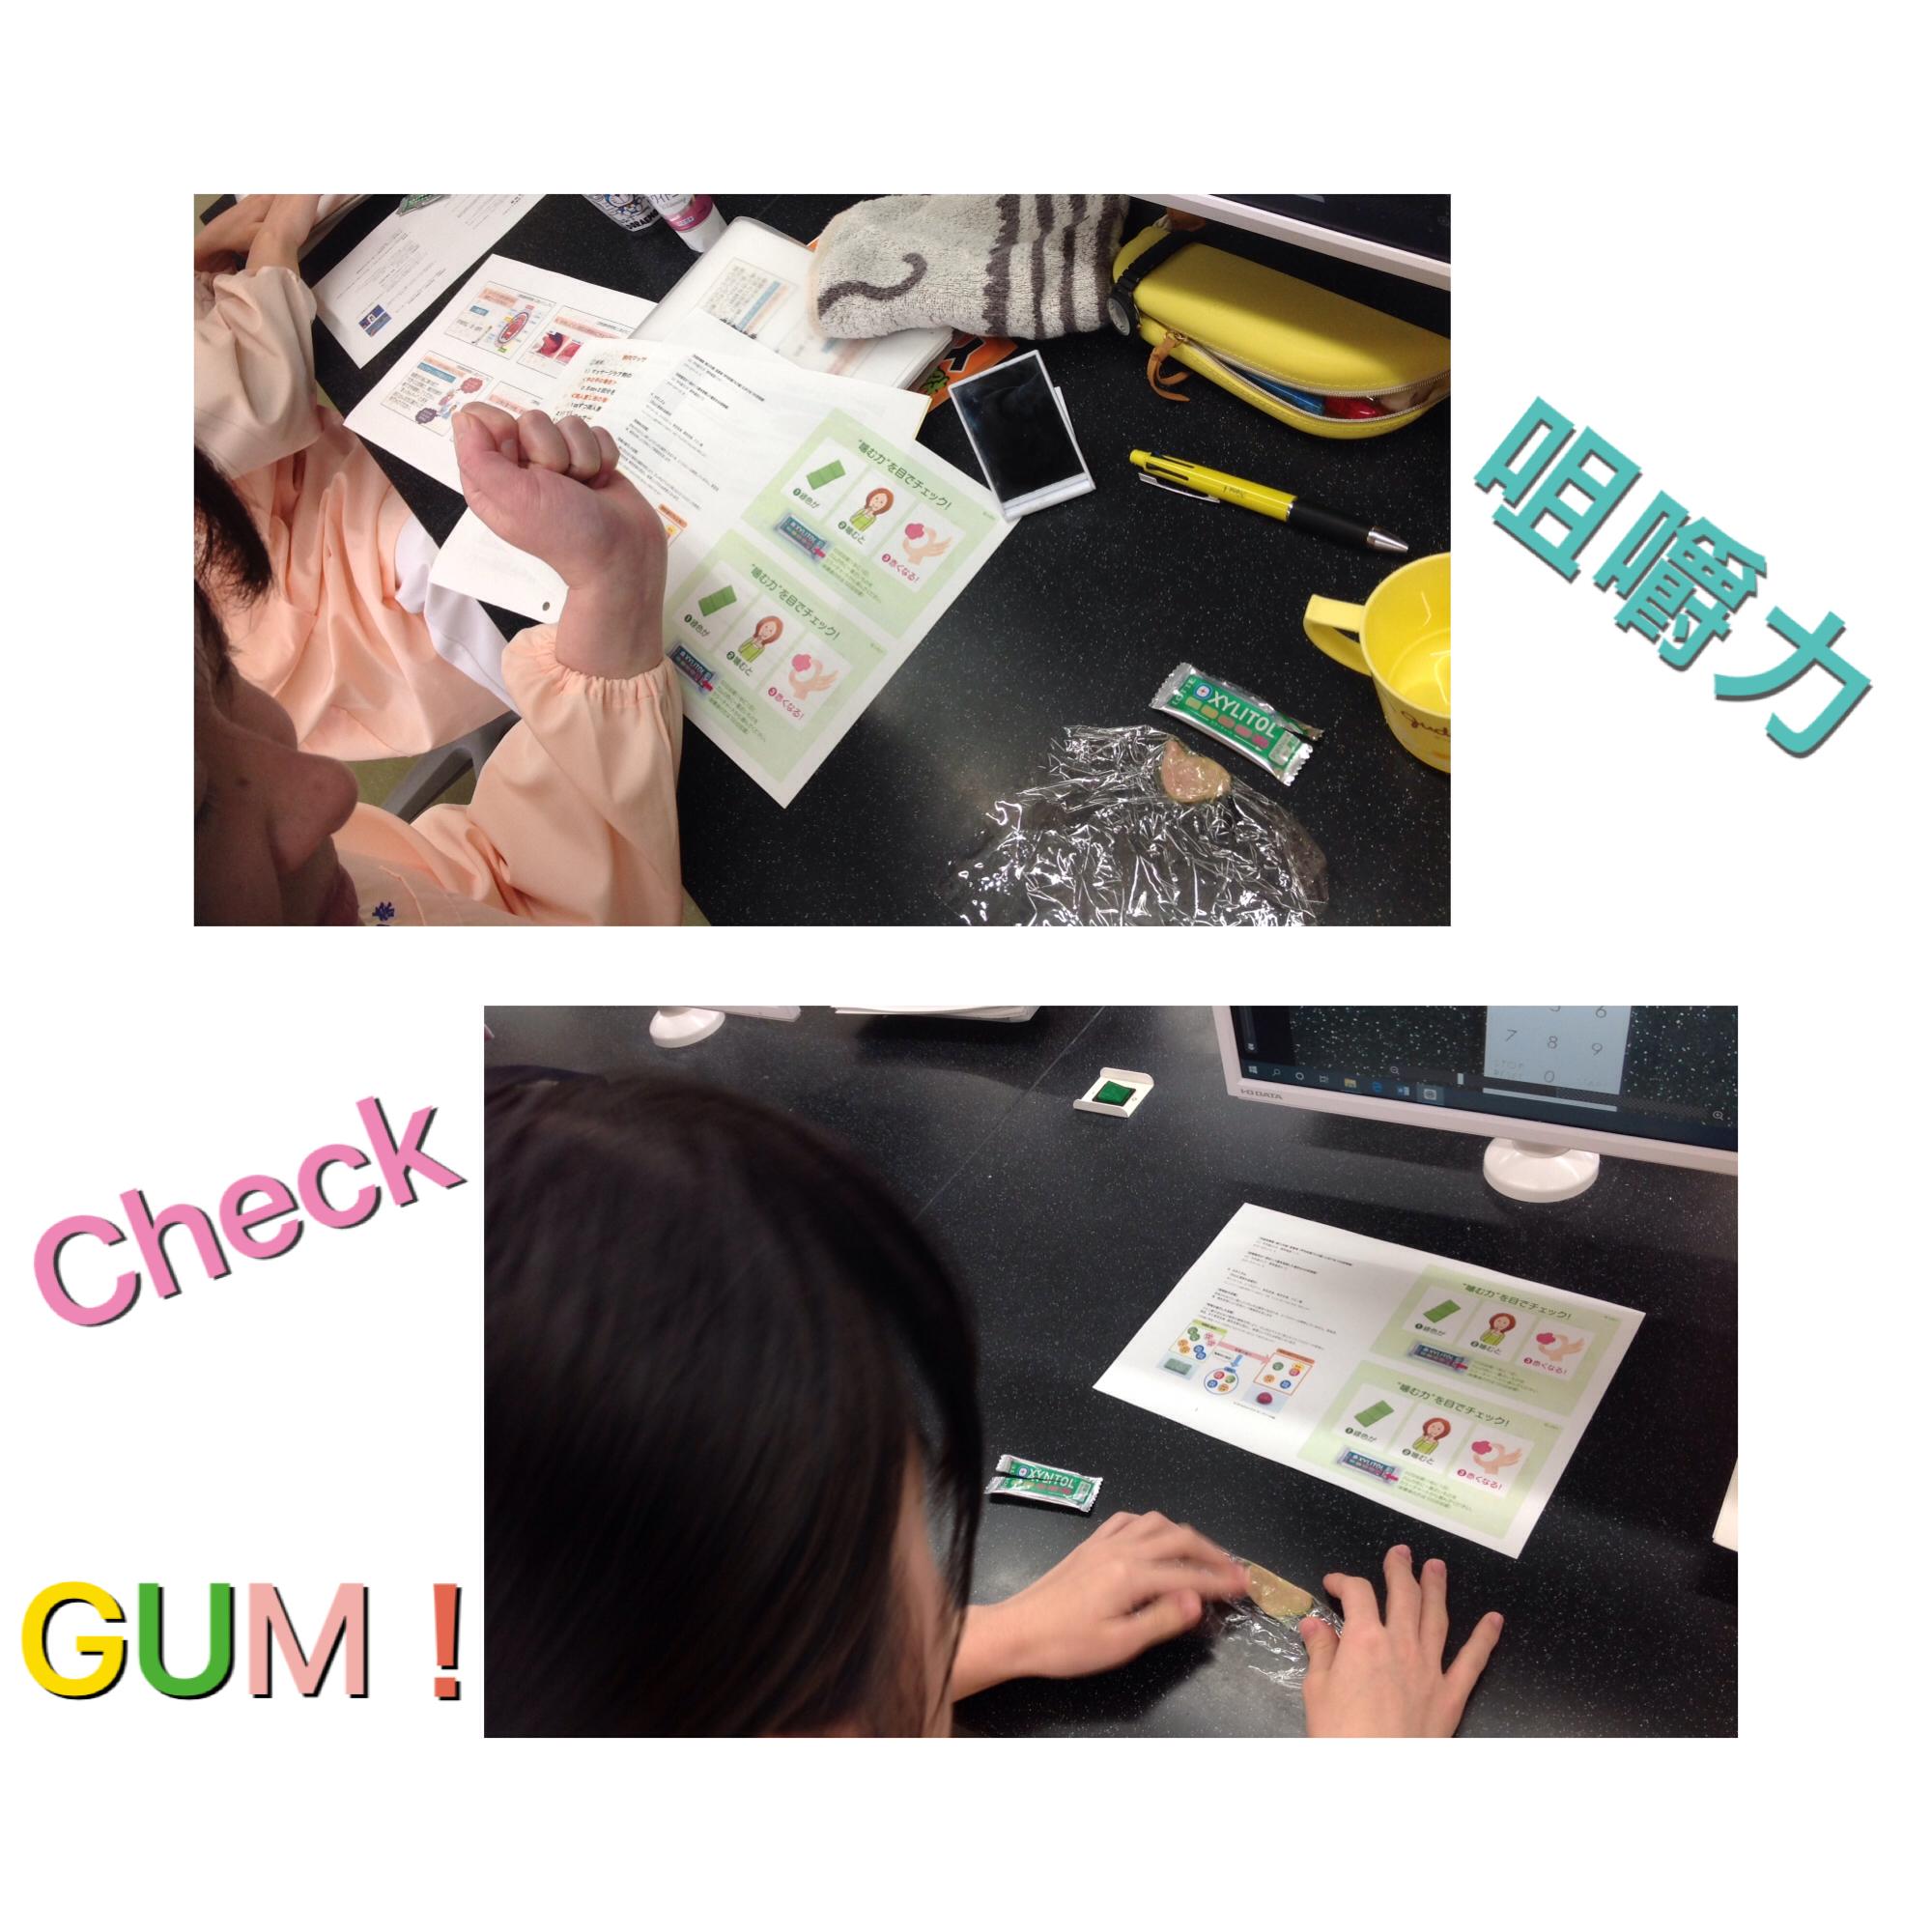 GUMでCheck!!